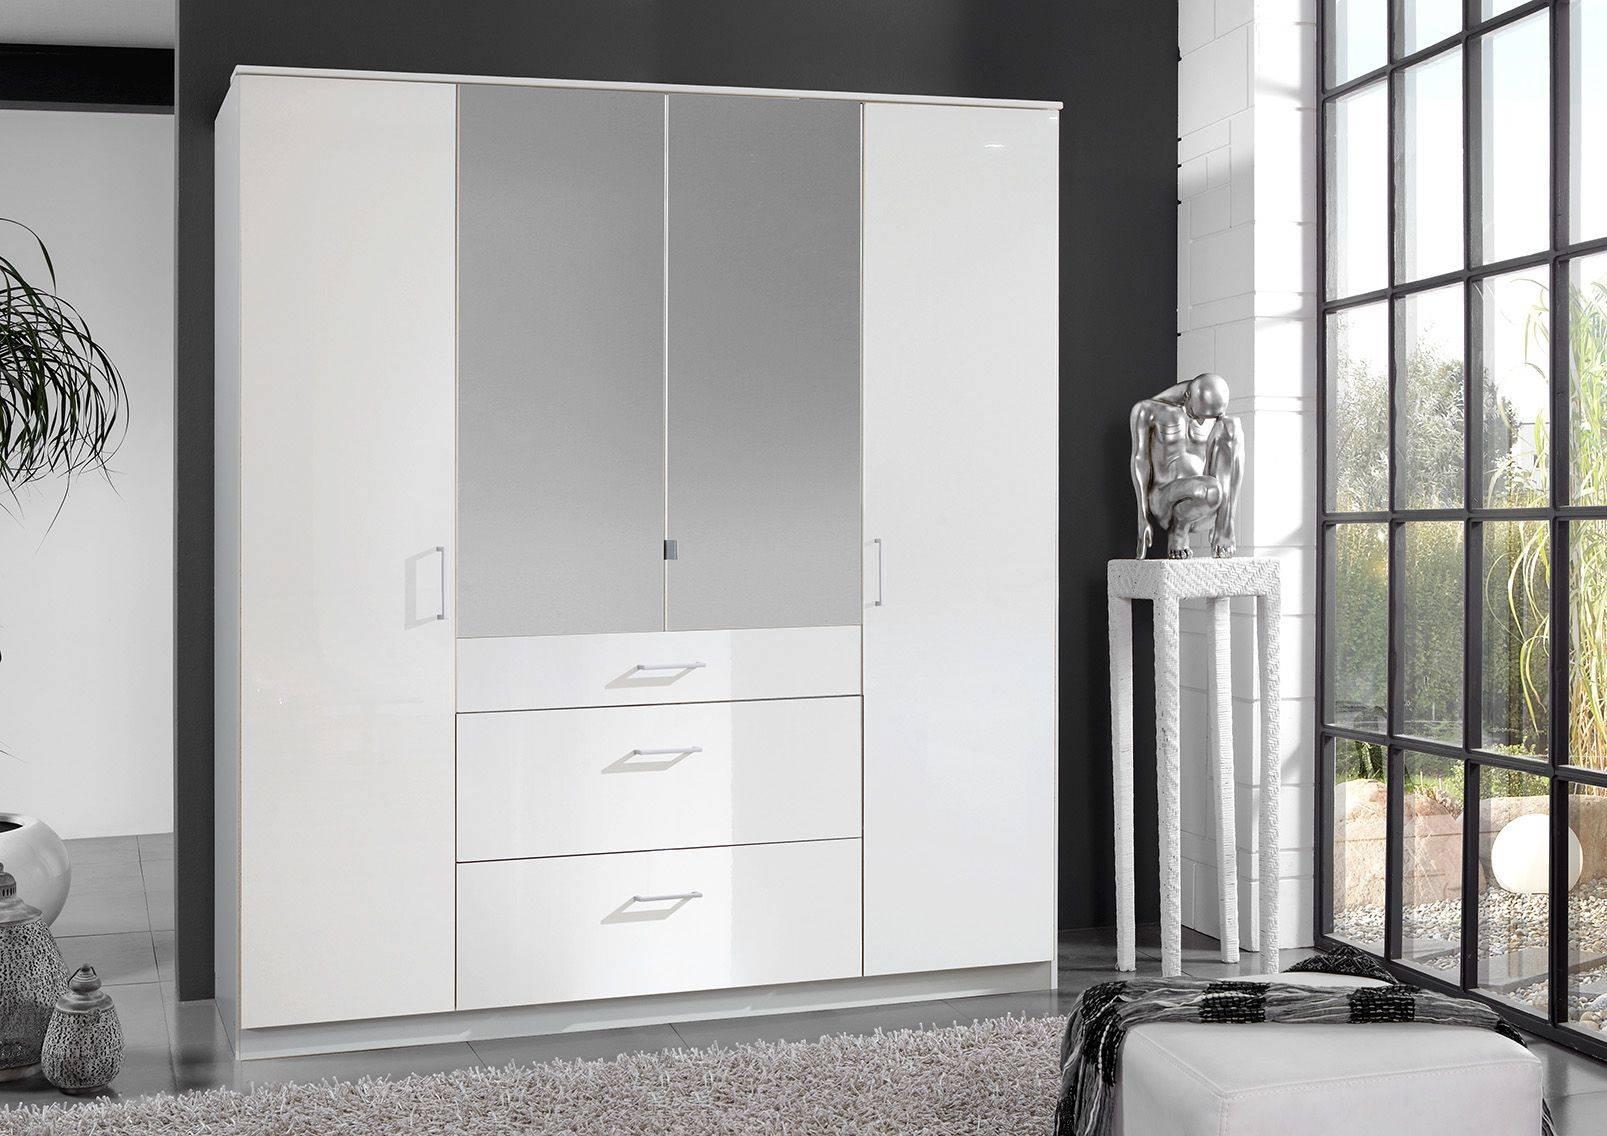 Clack High Gloss White 4 Door Mirrored Wardrobe pertaining to 4 Door Mirrored Wardrobes (Image 3 of 15)